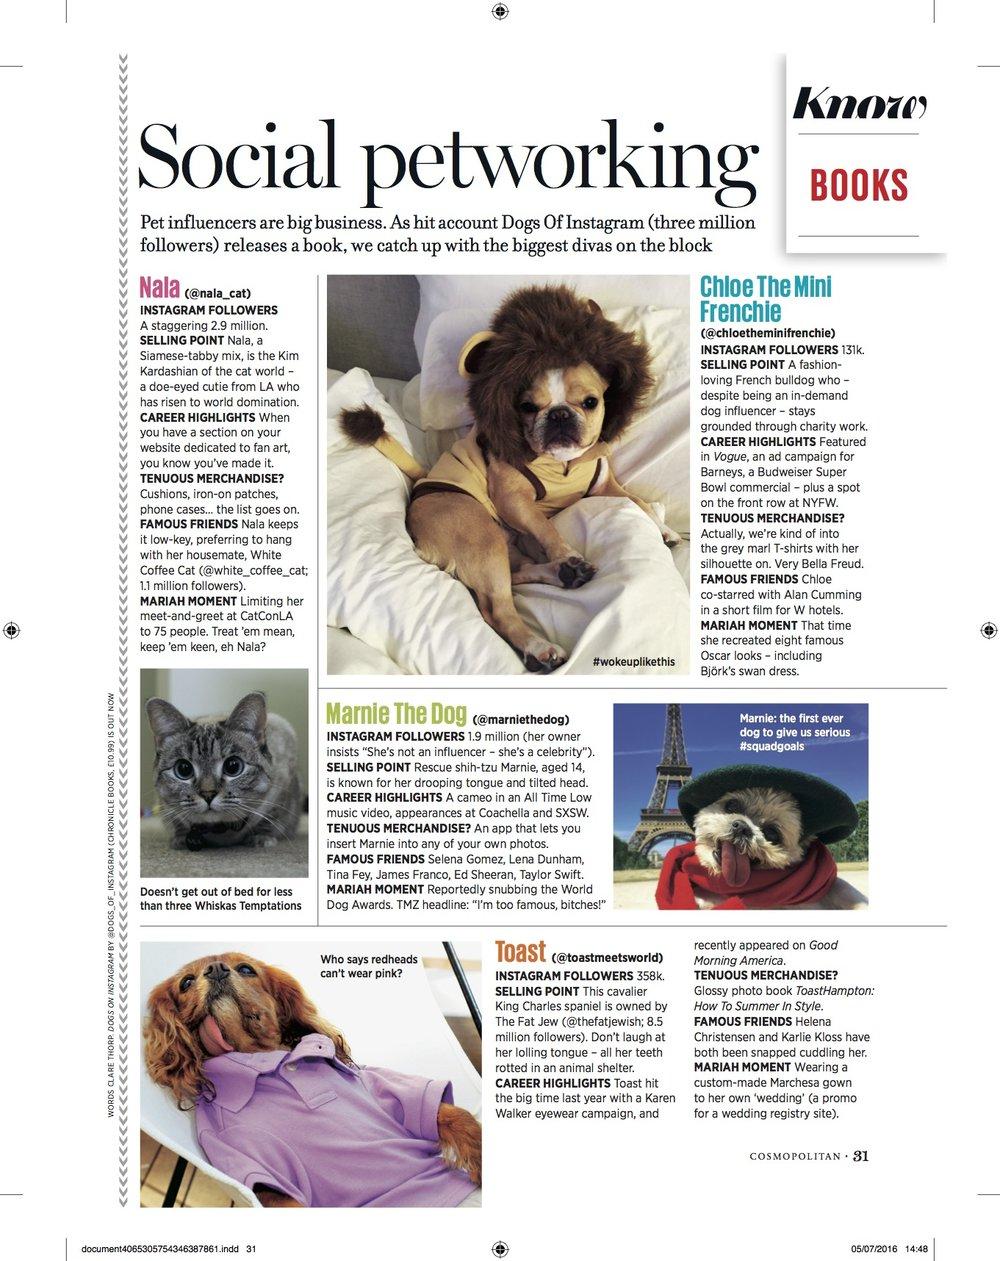 Cosmopolitan Insta pets.jpg